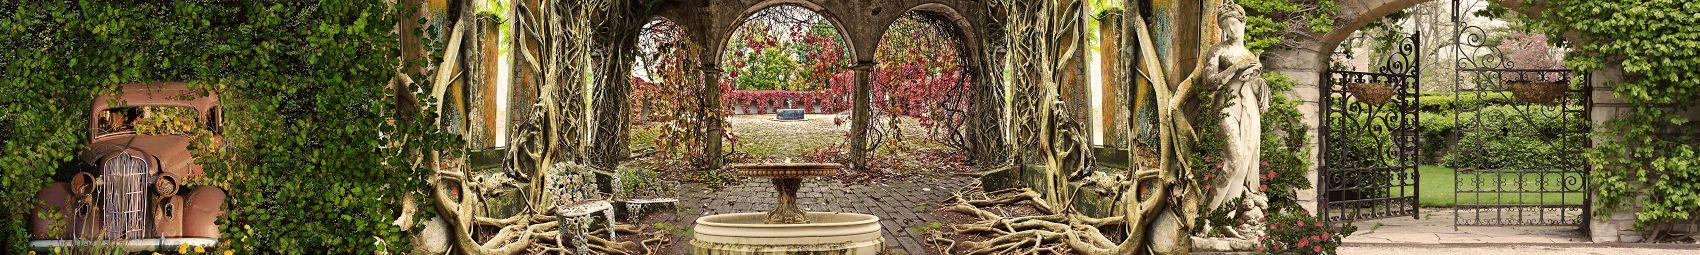 Заброшенный готический сад панорама